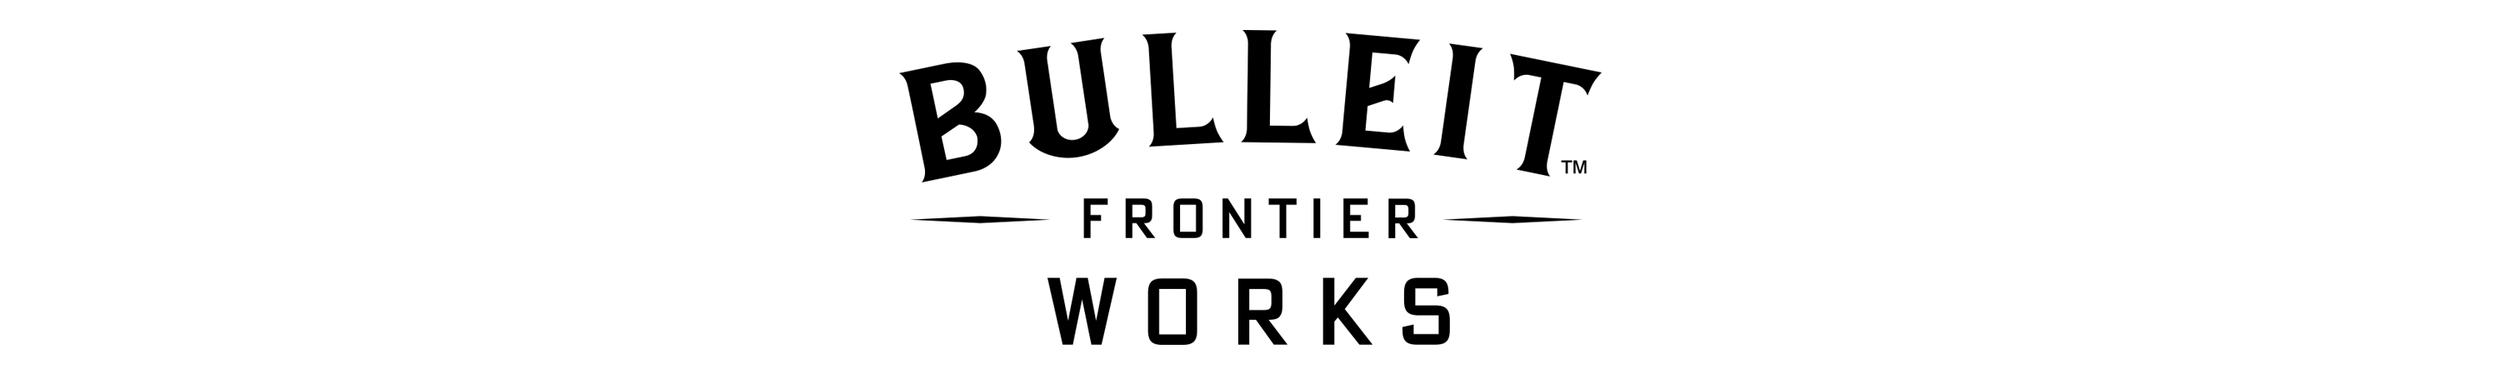 BULLEIT FRONTIER WORK.png